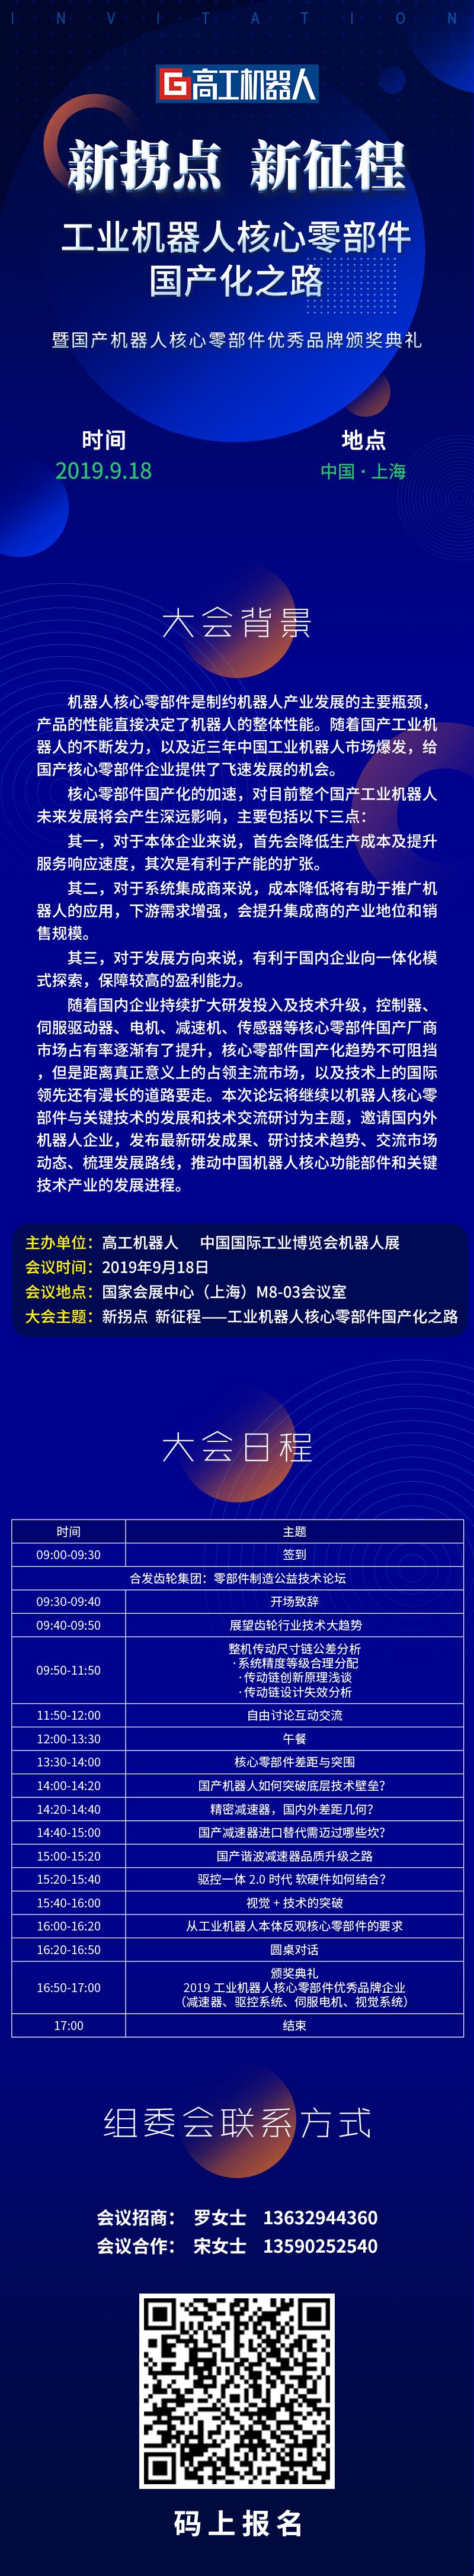 2019高工亚博竞技二打一官网零部件手机端(1).png